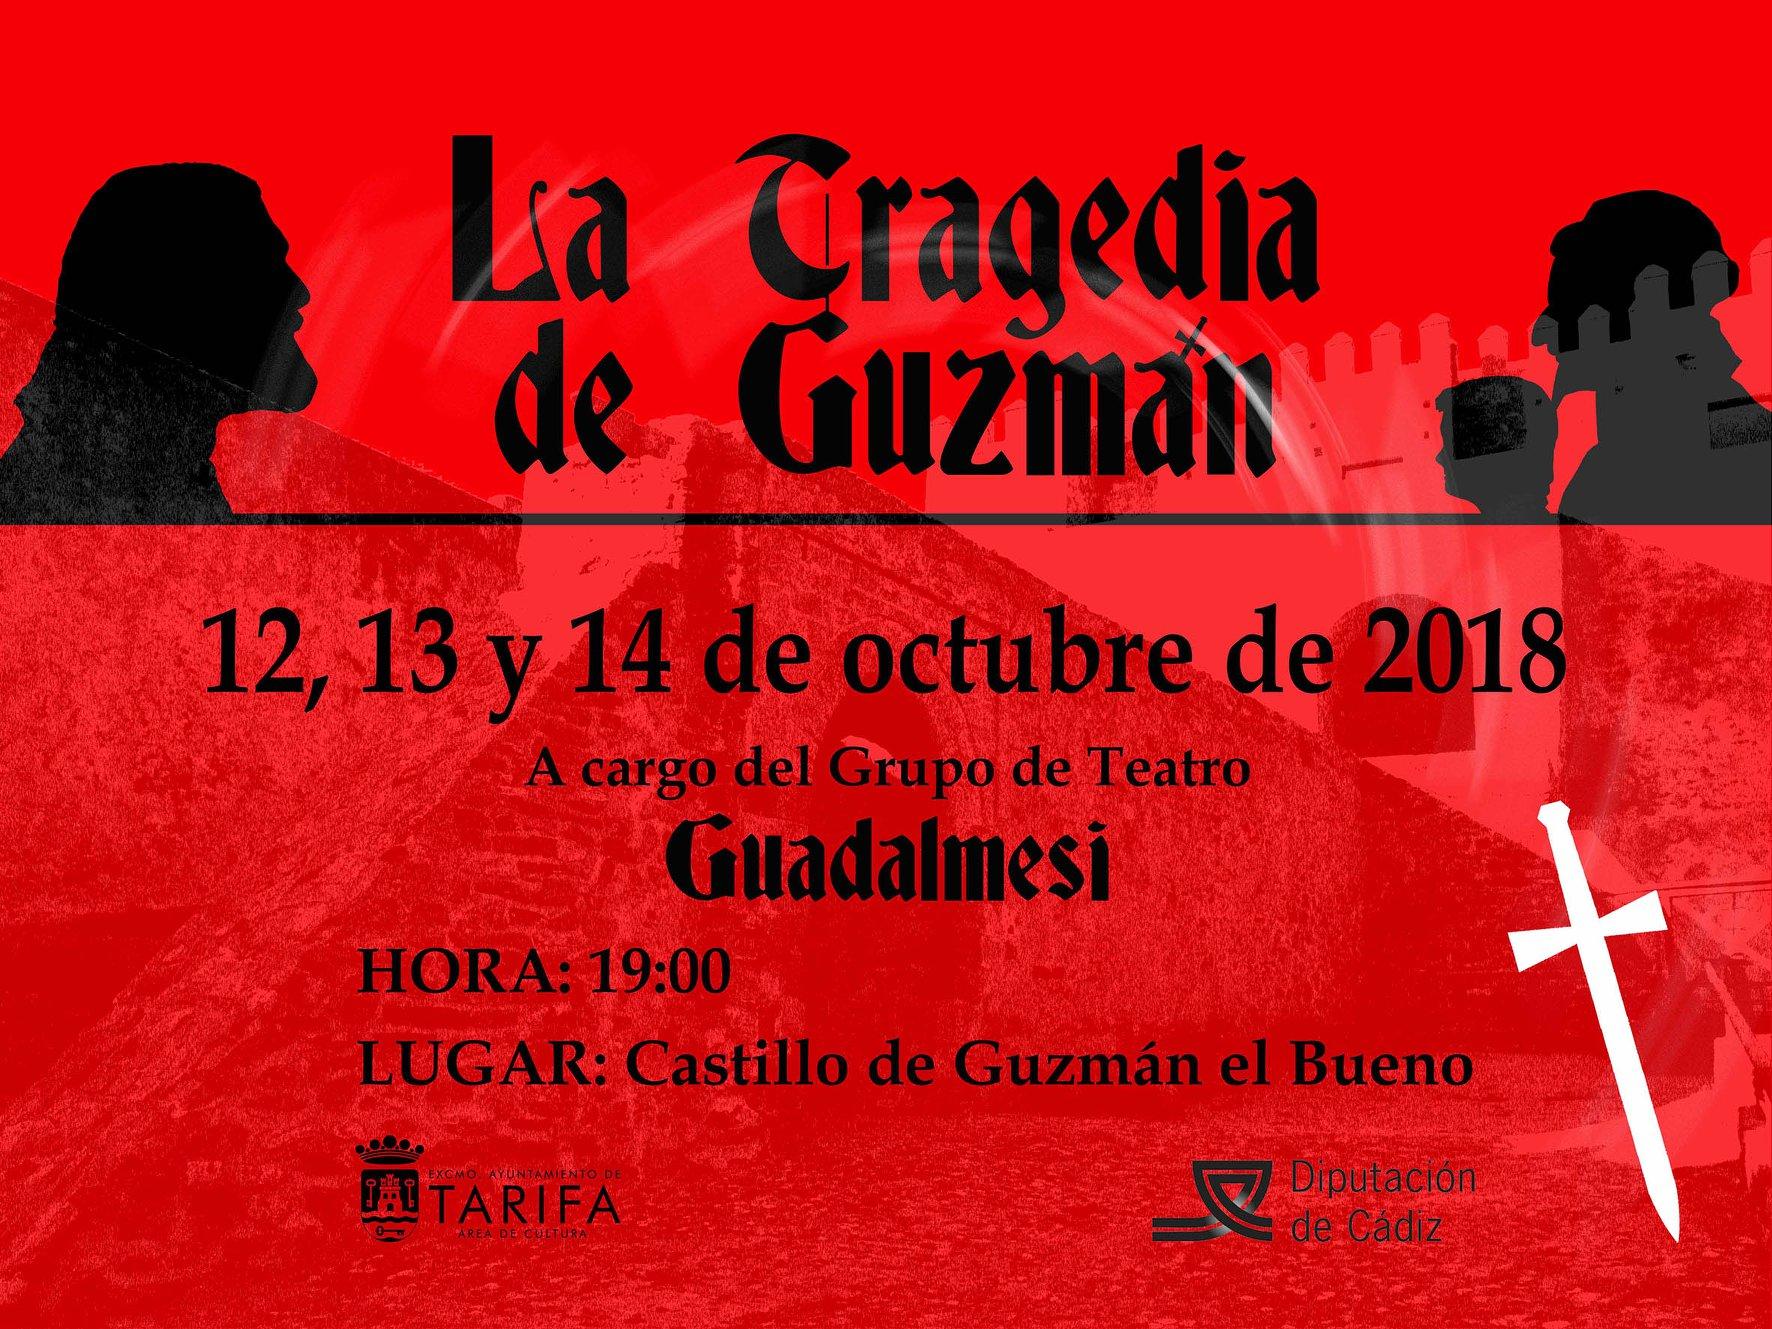 Teatro Tragedia Guzman El Bueno Tarifa 2018